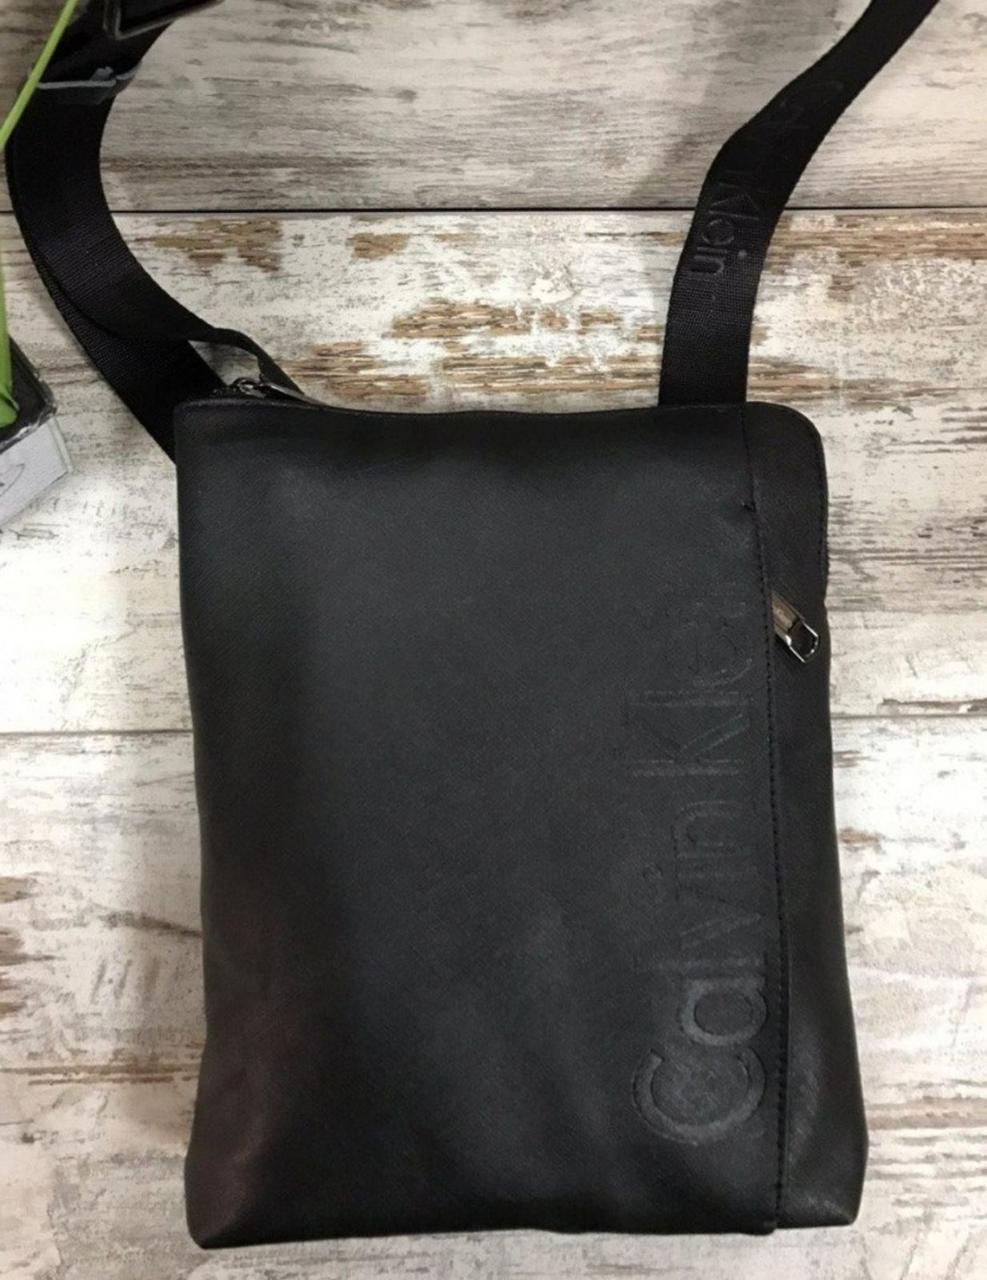 NEW 2020! Сумка мужская Сalvin Klein стильная, удобная, несколько  отделений. Материал: качественный текстиль.